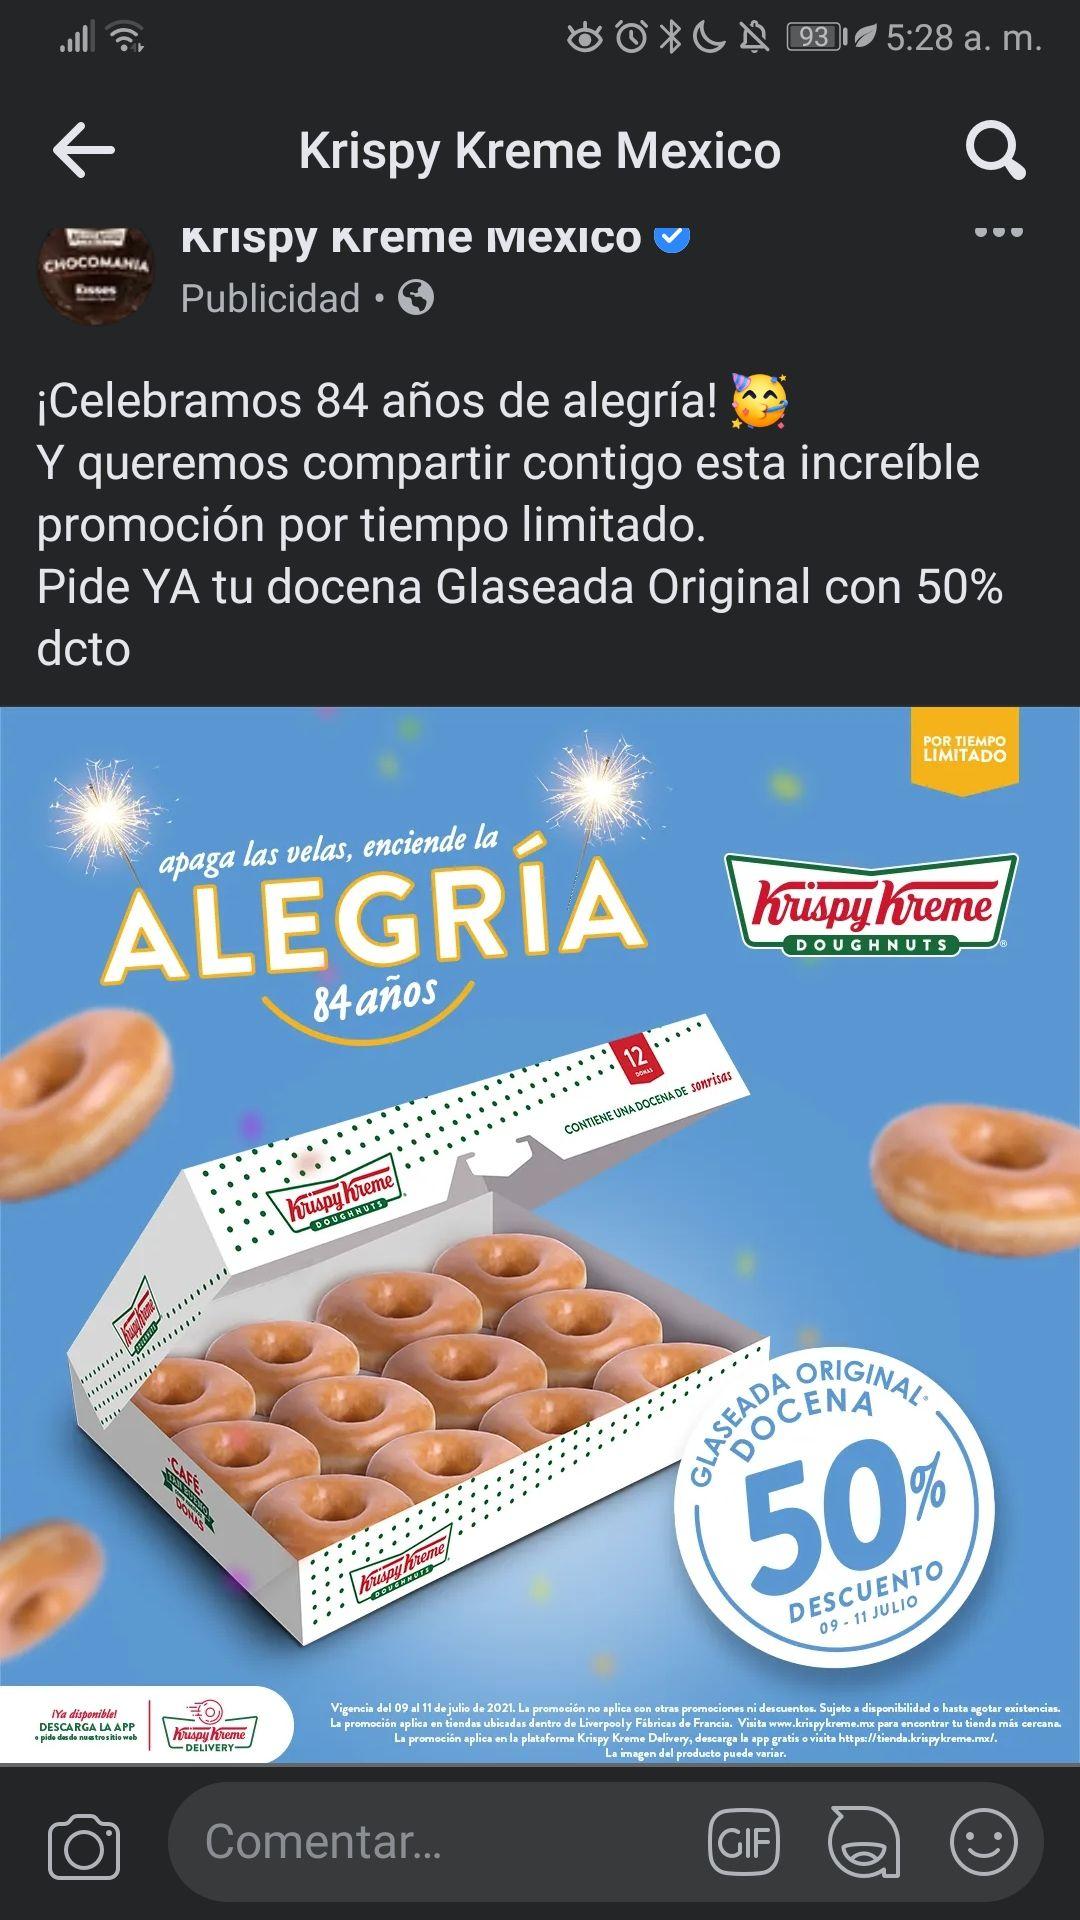 Krispy kreme - 50% Docena de Donas glaseado original